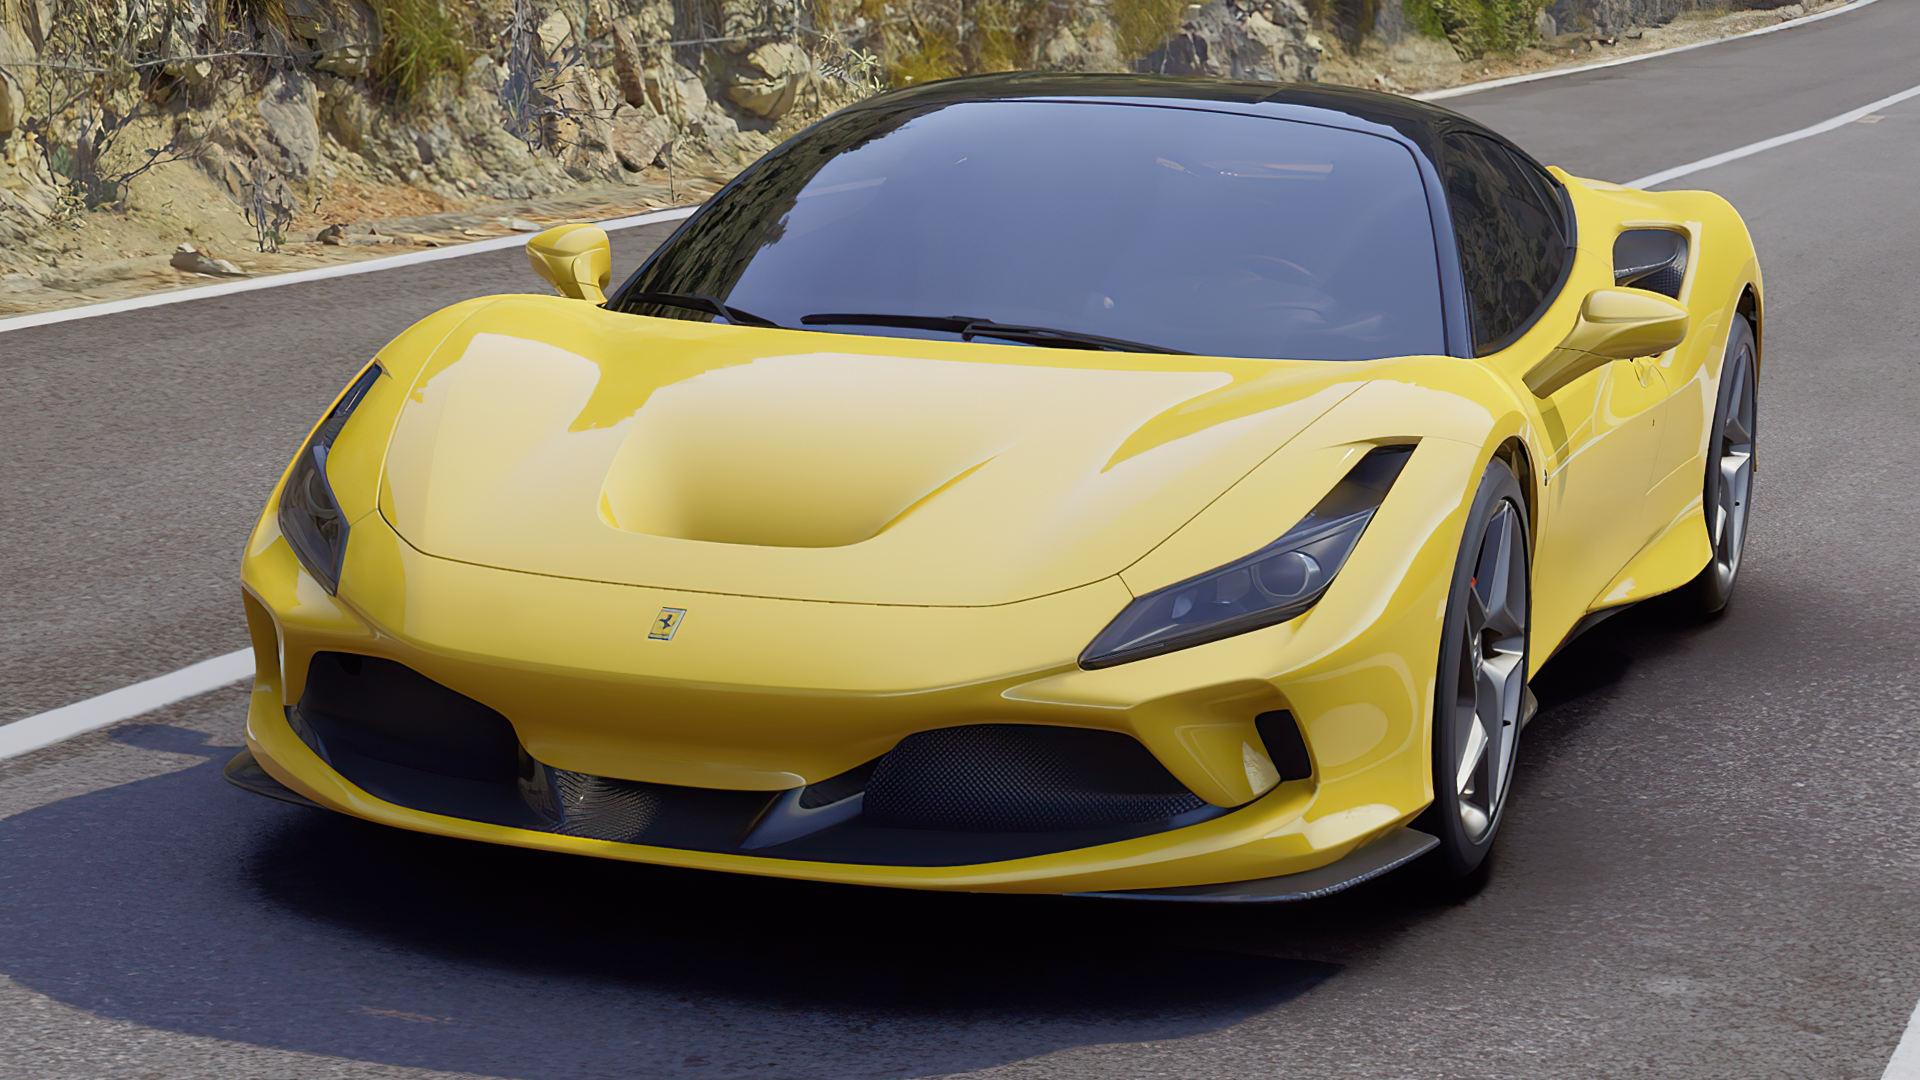 2020 Ferrari F8 Tributo Yellow Colors